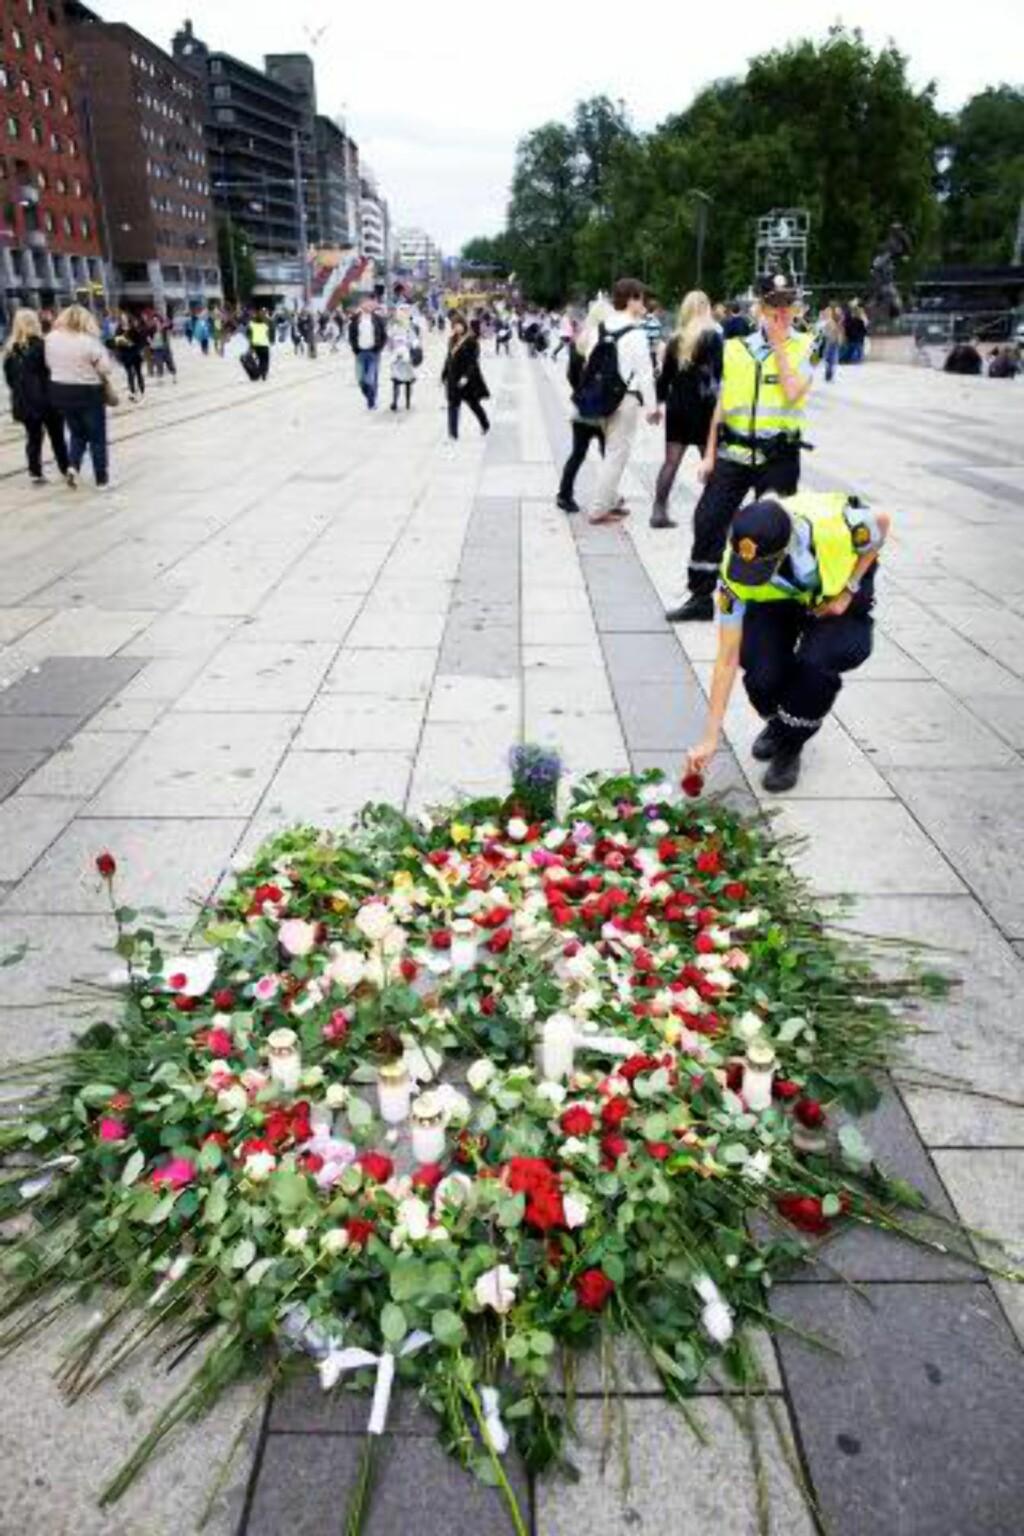 OSLO FYLT MED KJÆRLIGHET: Roser ble lagt ned utenfor rådhuset. Foto: Eirik Helland Urke / Dagbladet